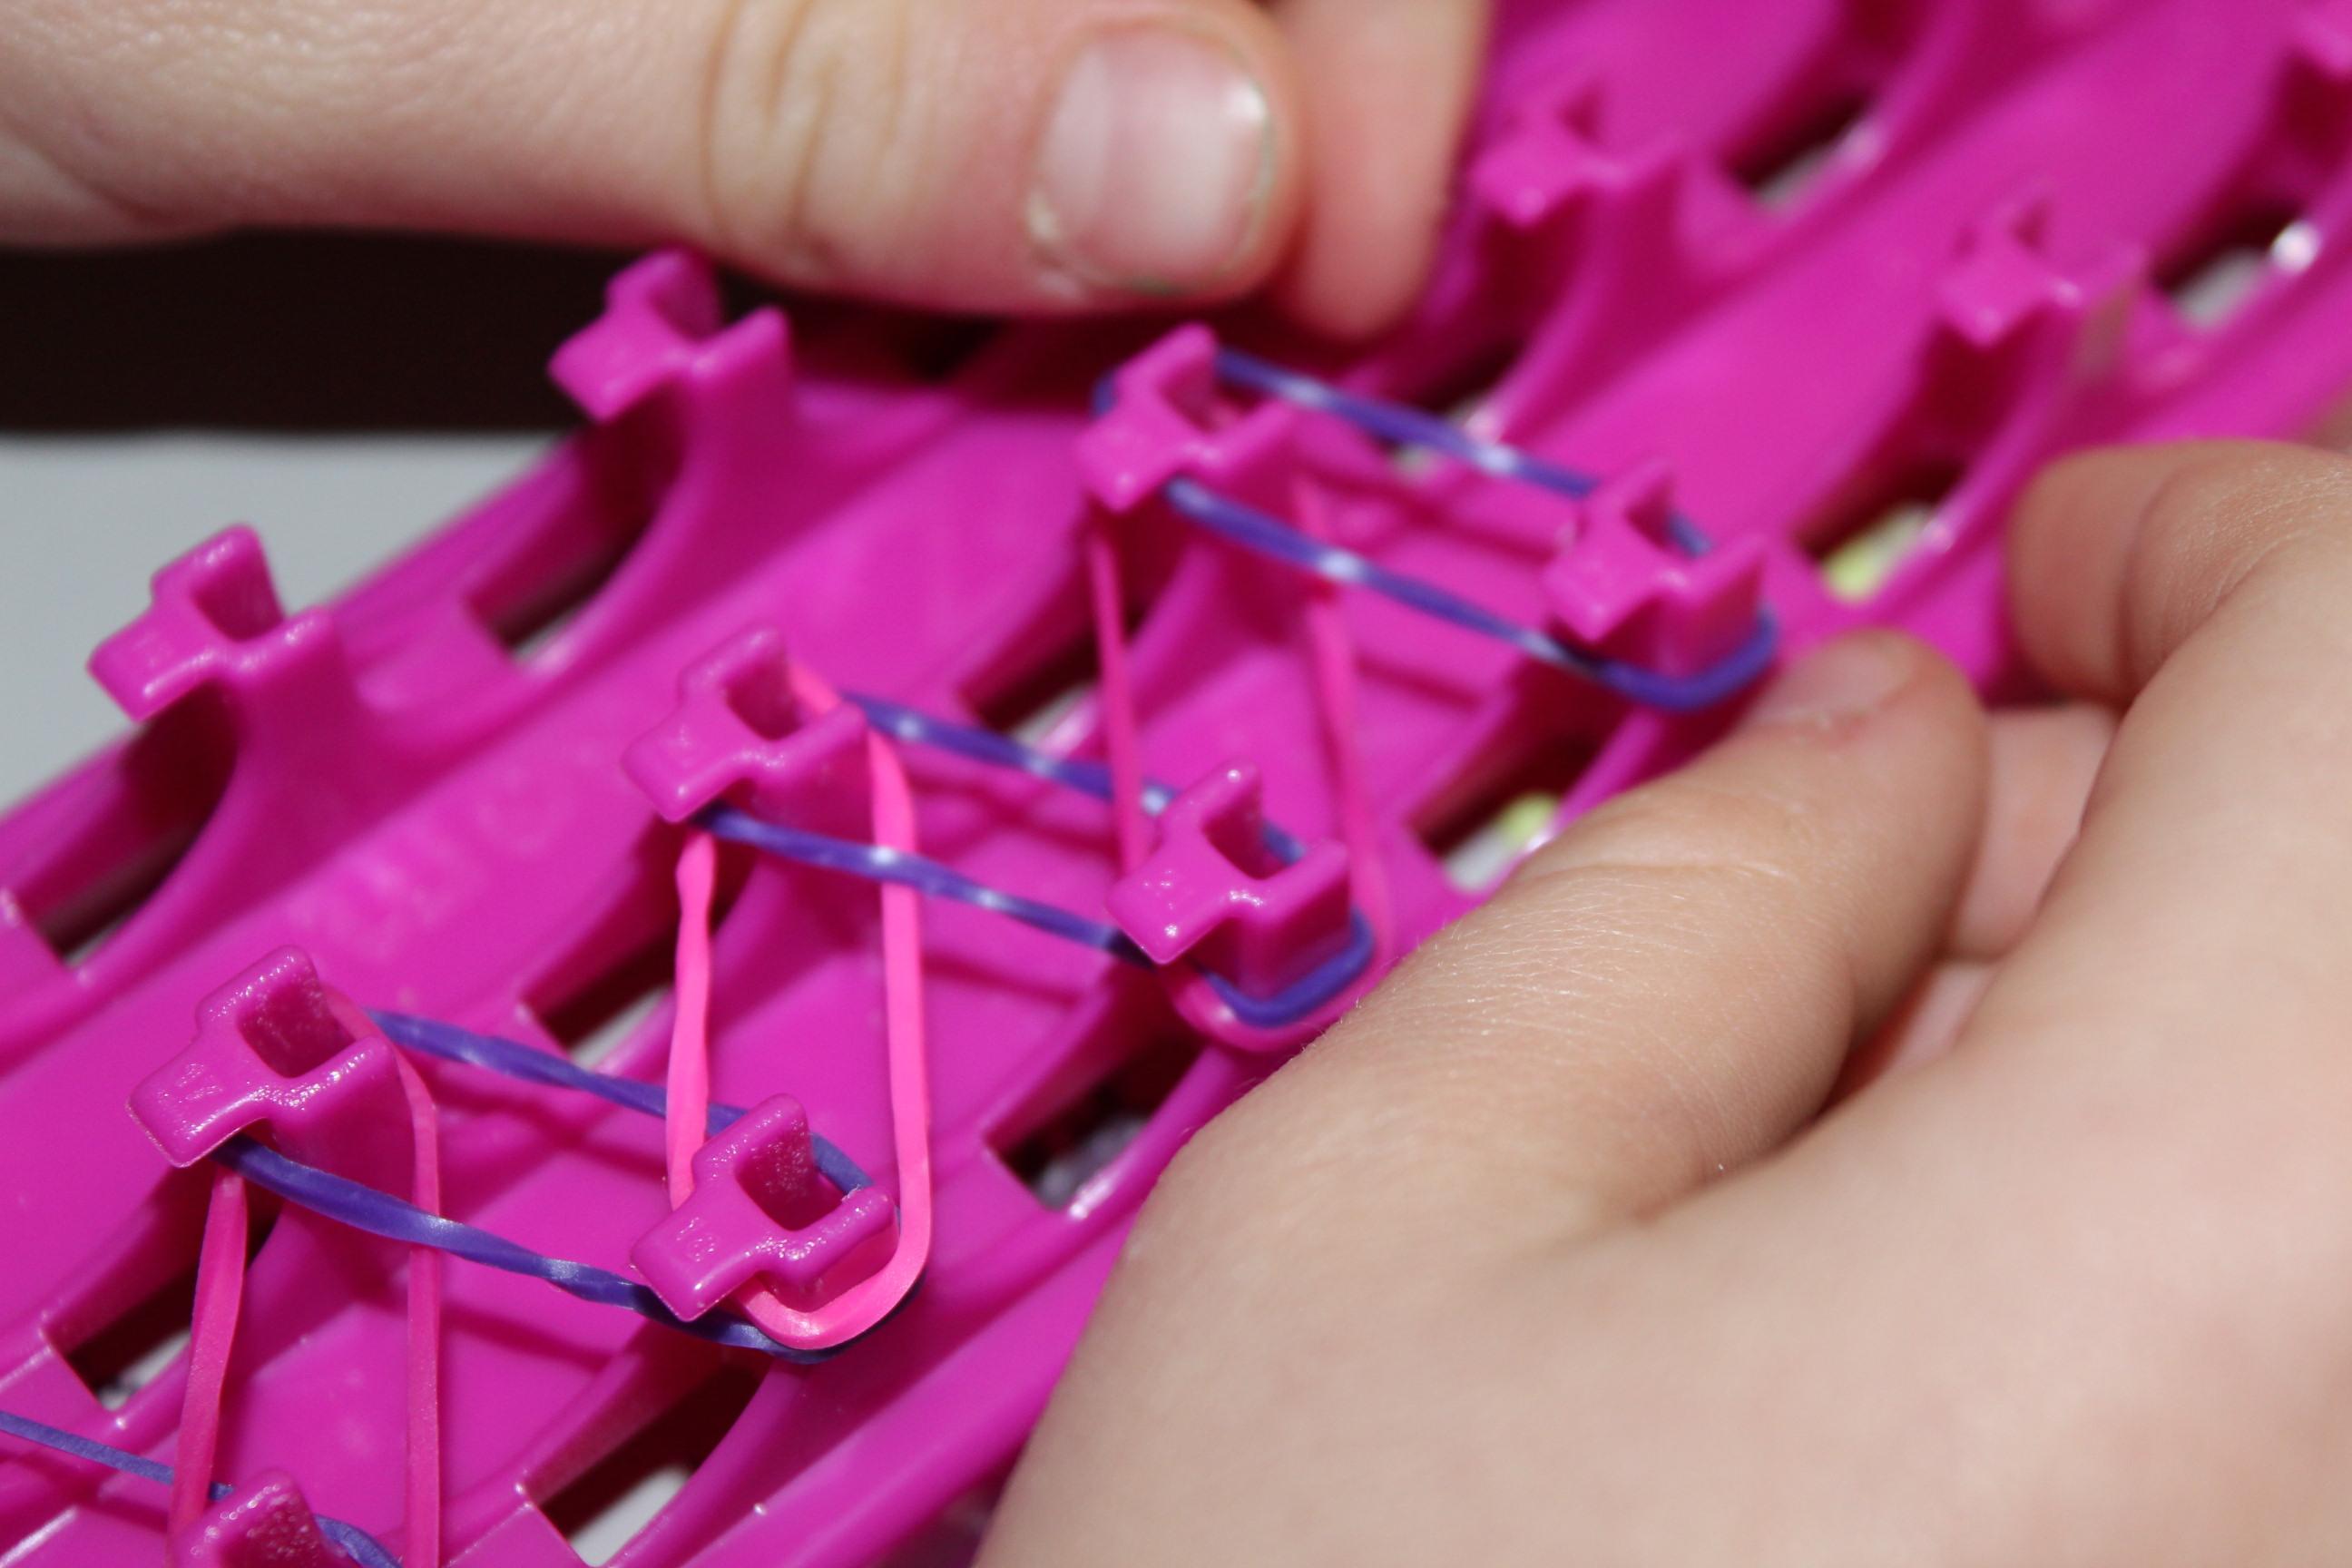 Célèbre Cra-Z-loom : les bracelets élastiques à fabriquer soi-même ! Une  TS56